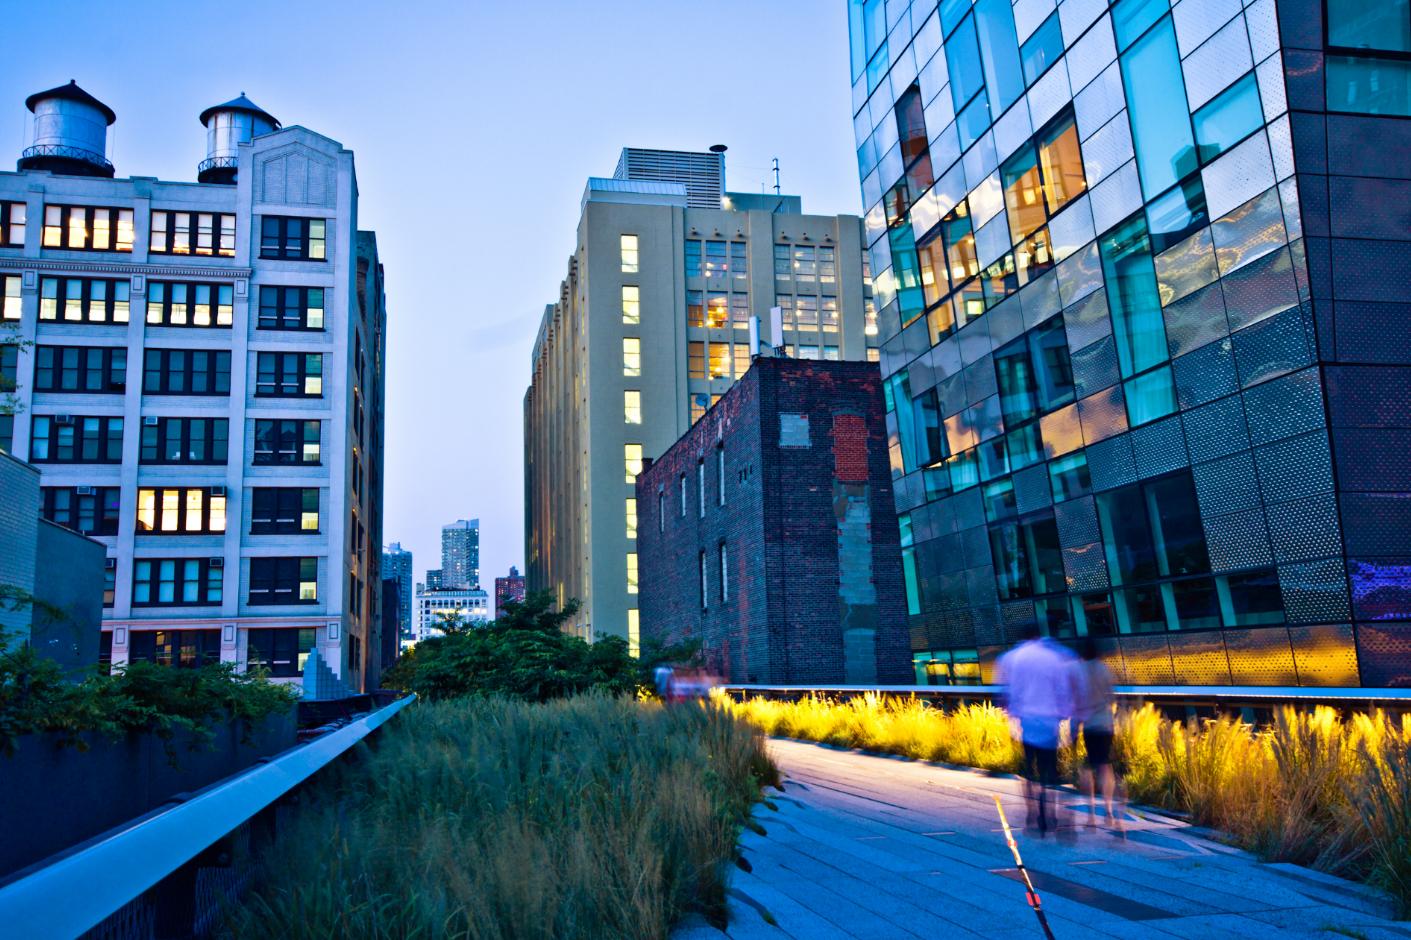 Gene kaufman architects begins work on 522 room manhattan for Hotel design genes